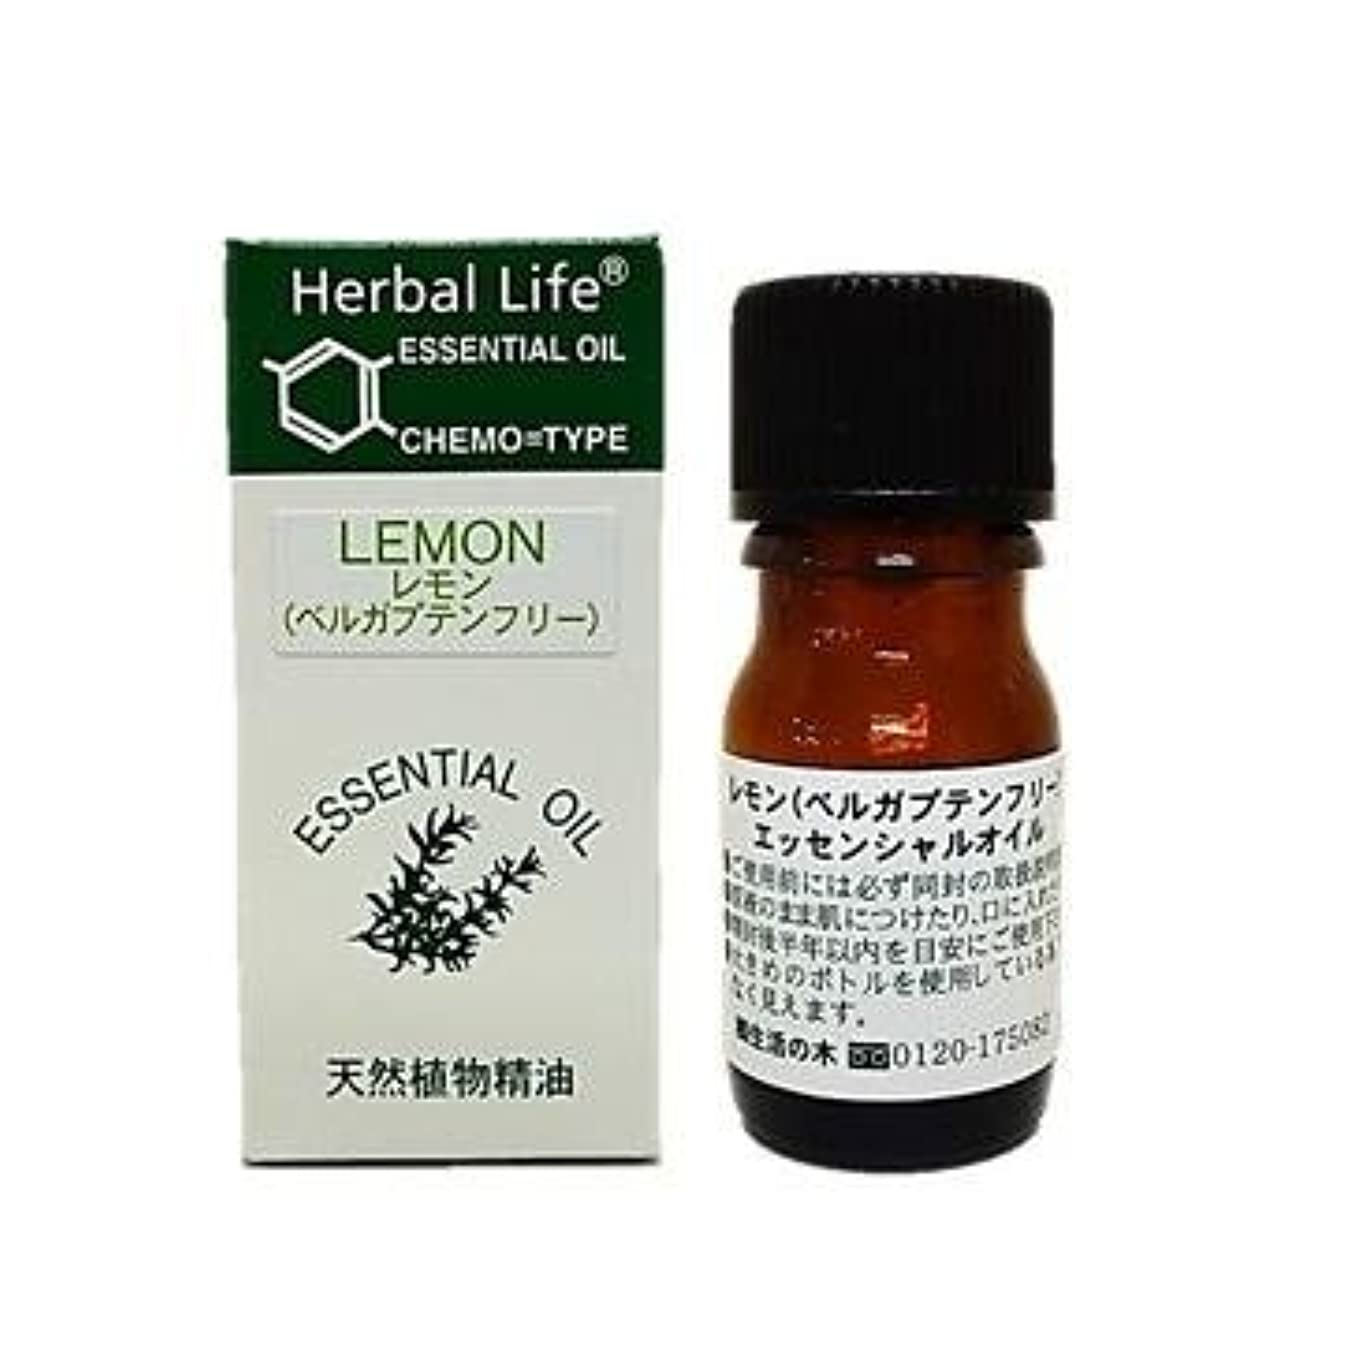 シアー水分真実生活の木 レモン(フロクマリンフリー)3ml エッセンシャルオイル/精油